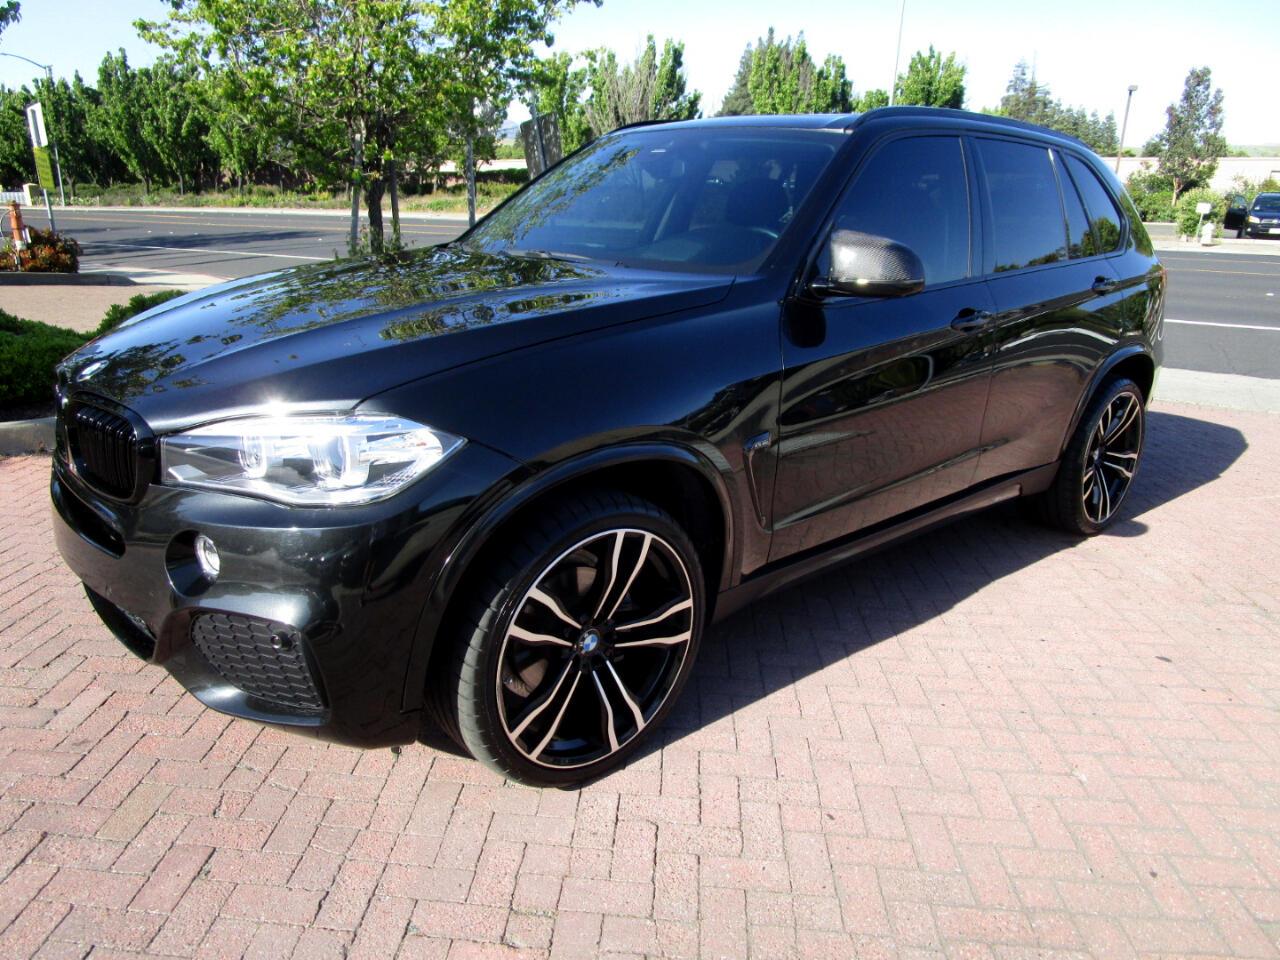 2015 BMW X5 AWD XDRIVE 35D**DRIVER ASSIST PLUS*HEAT-AC SEATS**